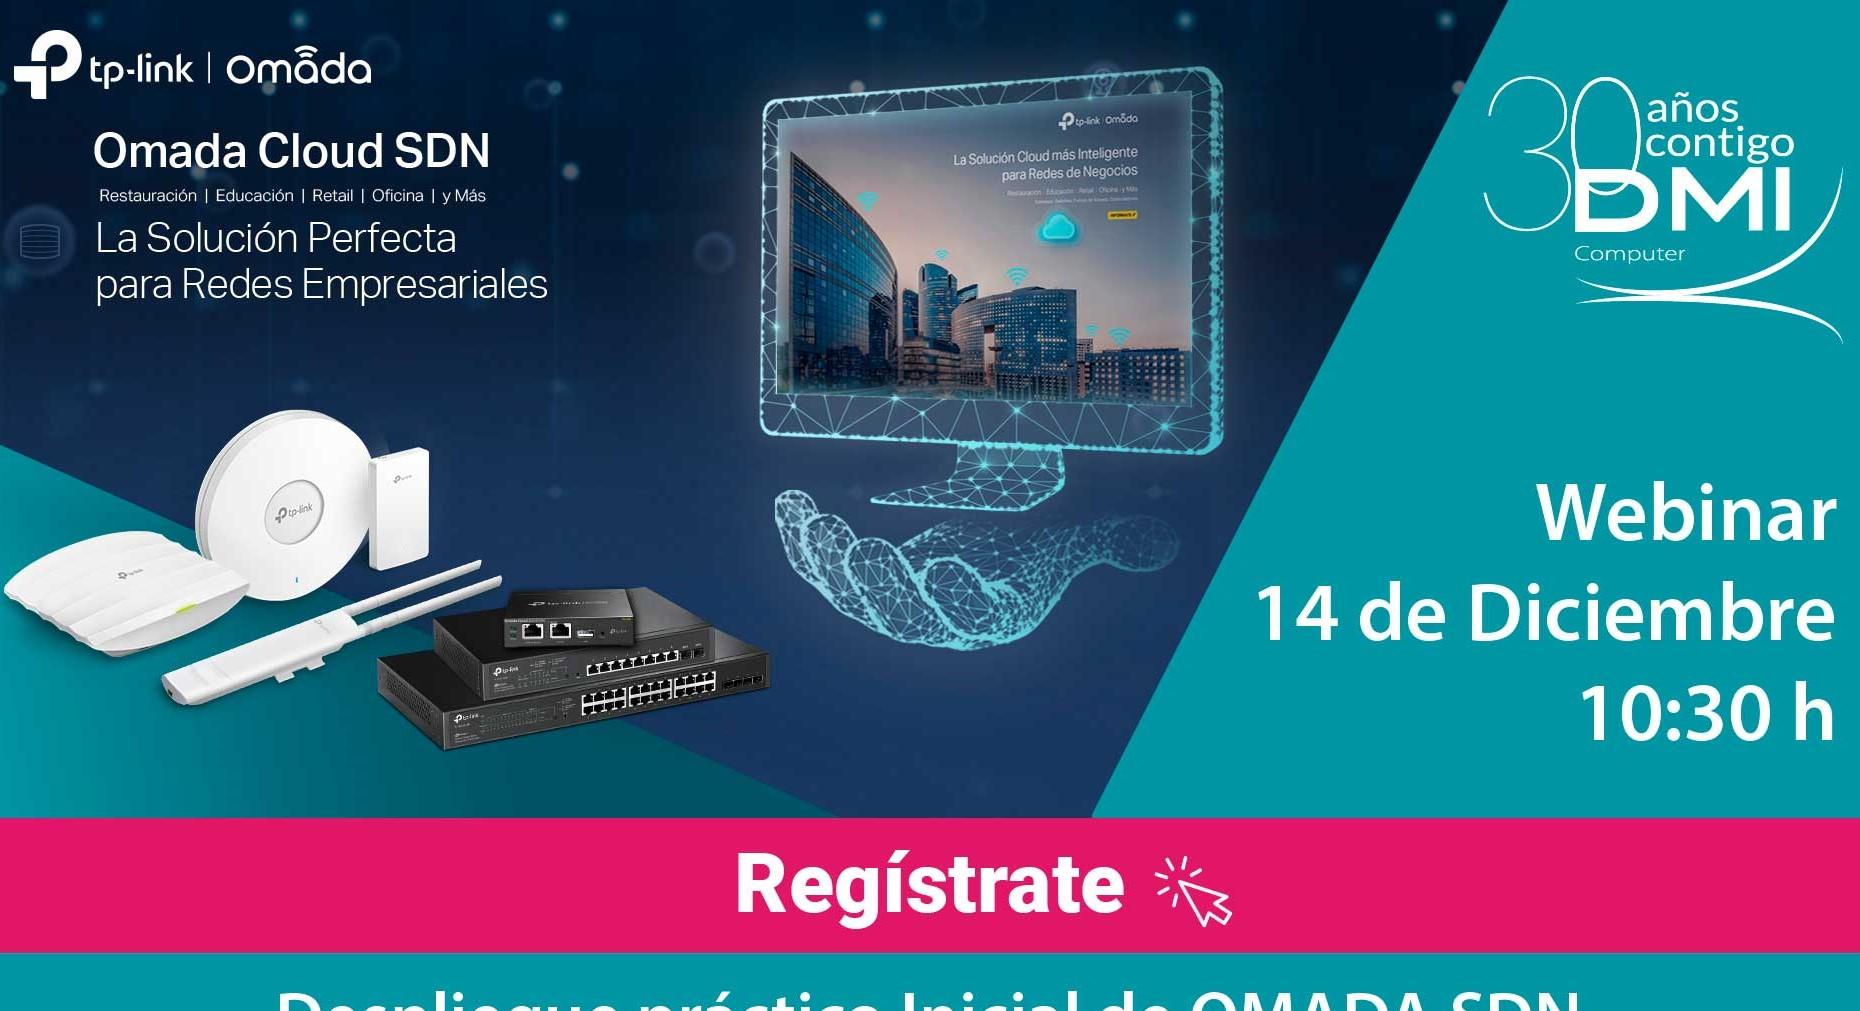 WEBINAR Omada Cloud SDN_DMI_14 de Diciembre a las 10:30